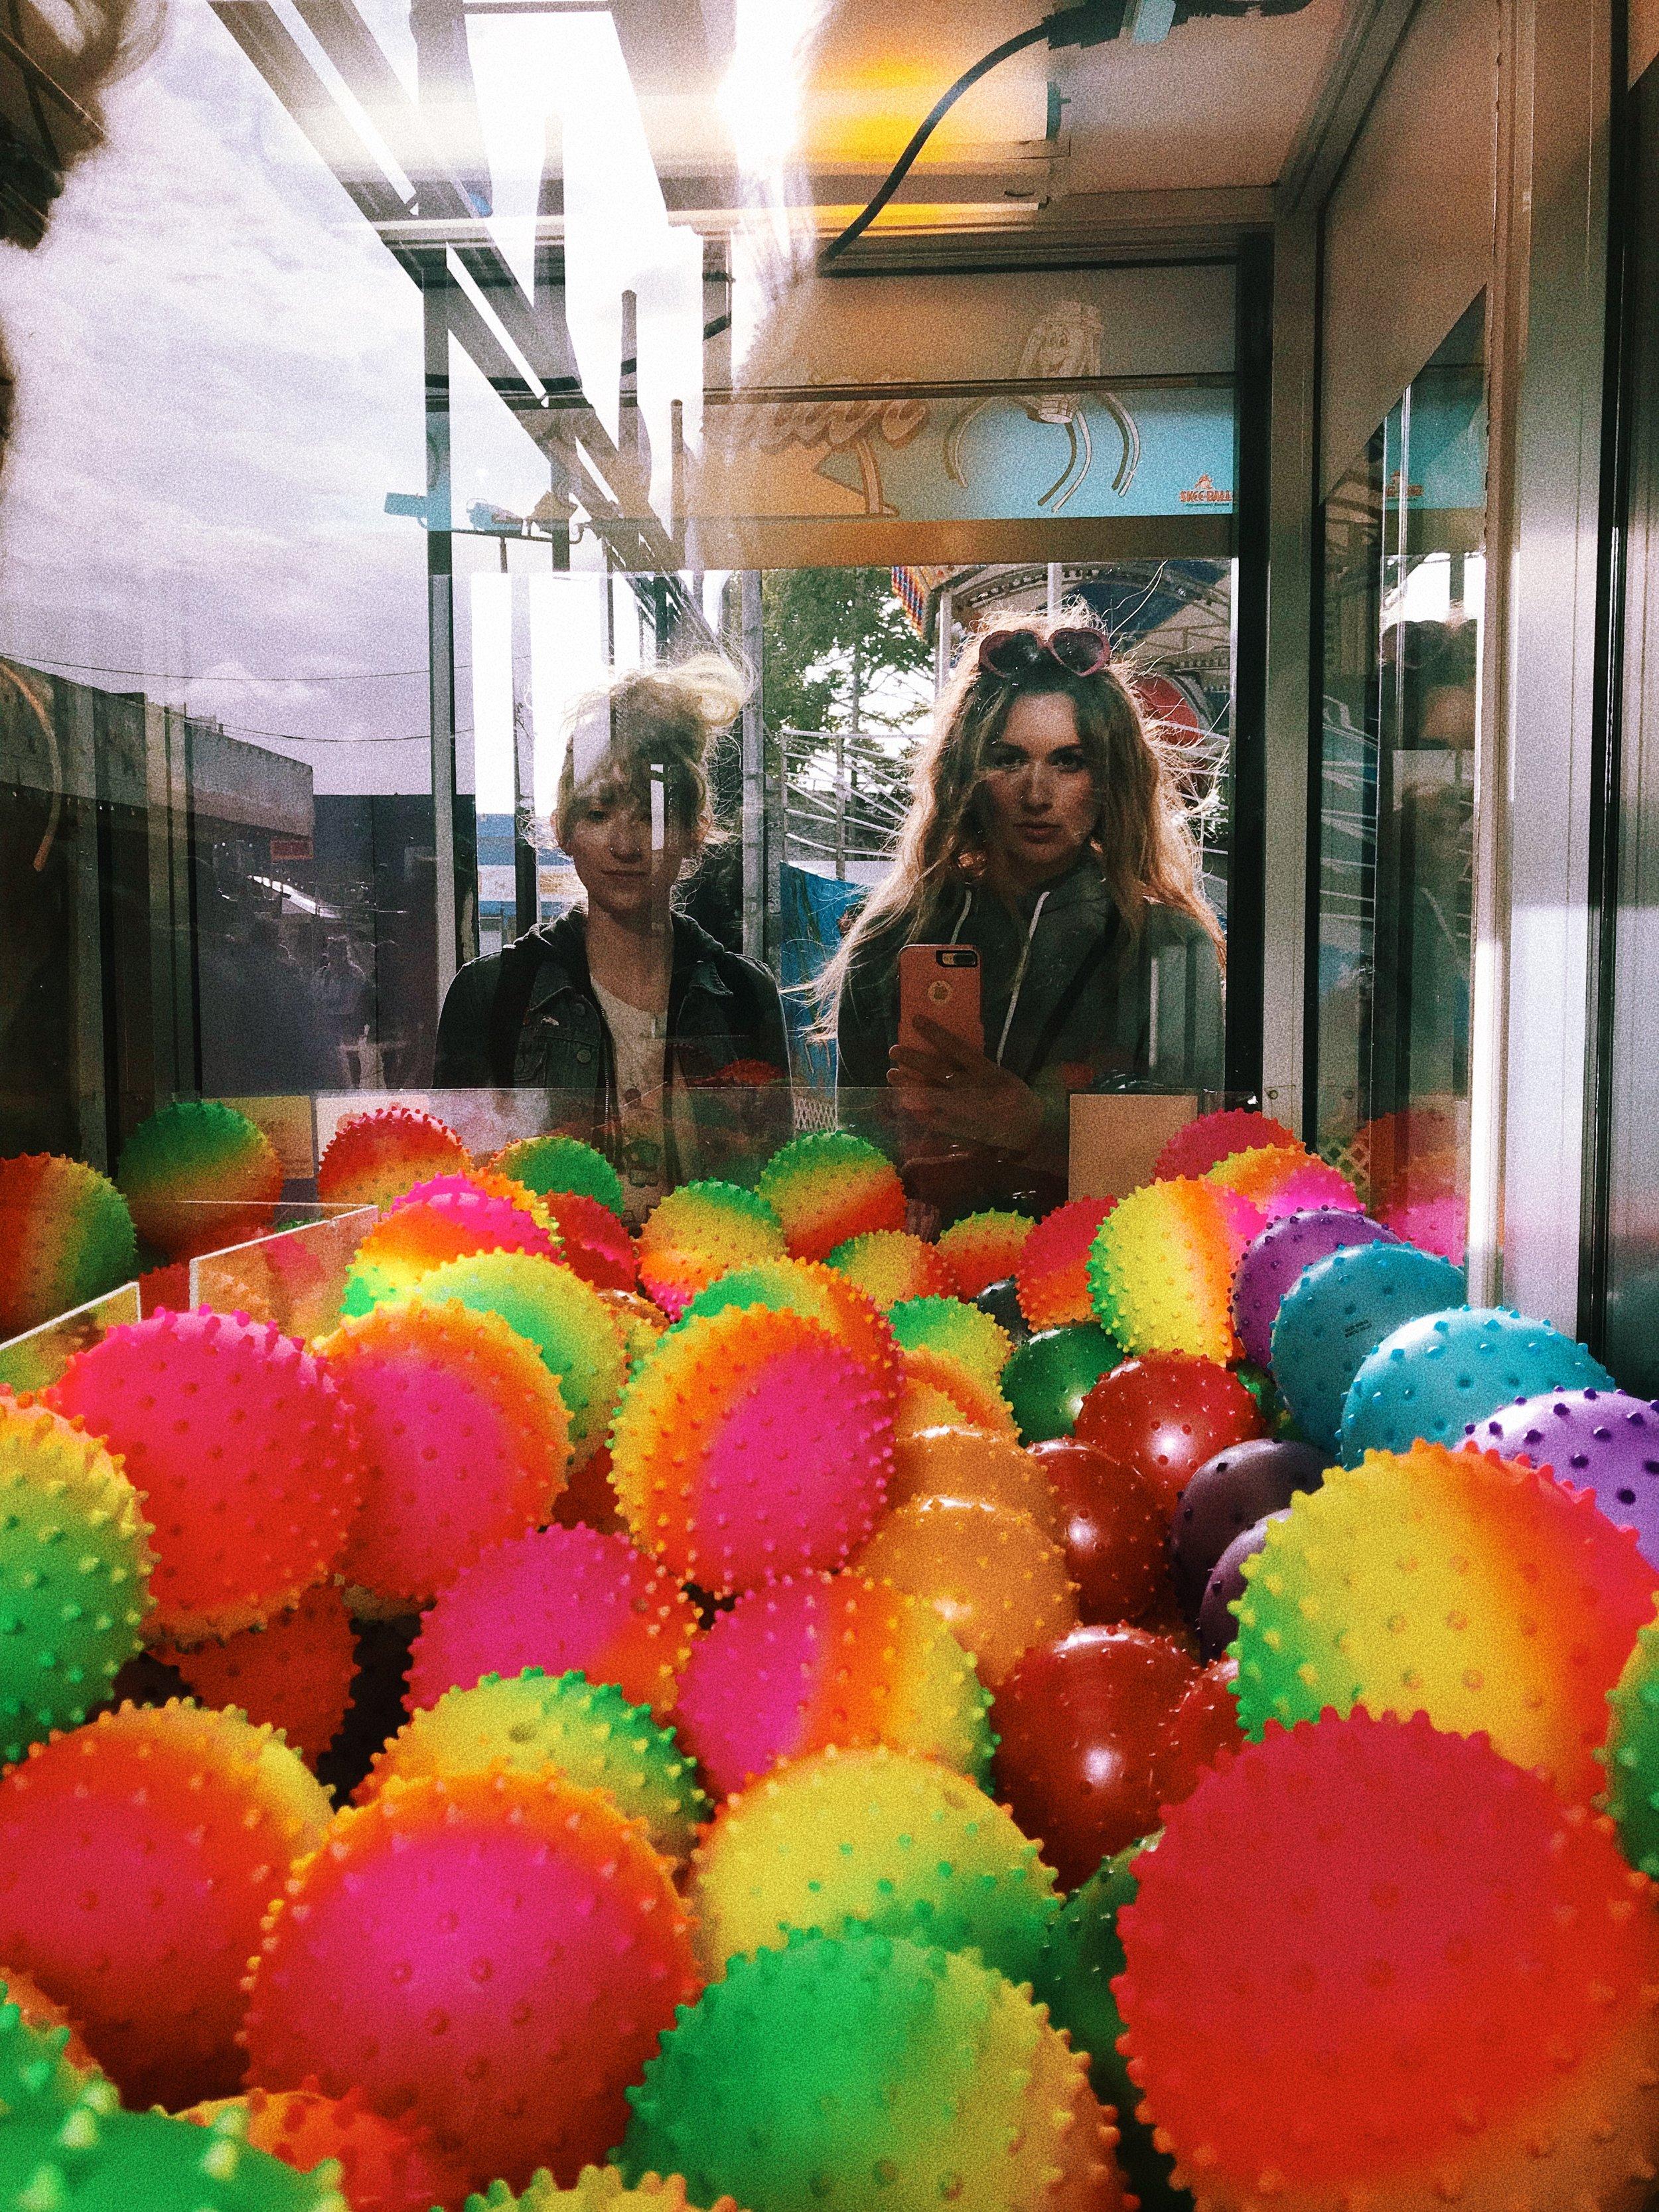 Coney Island Arcade Balls